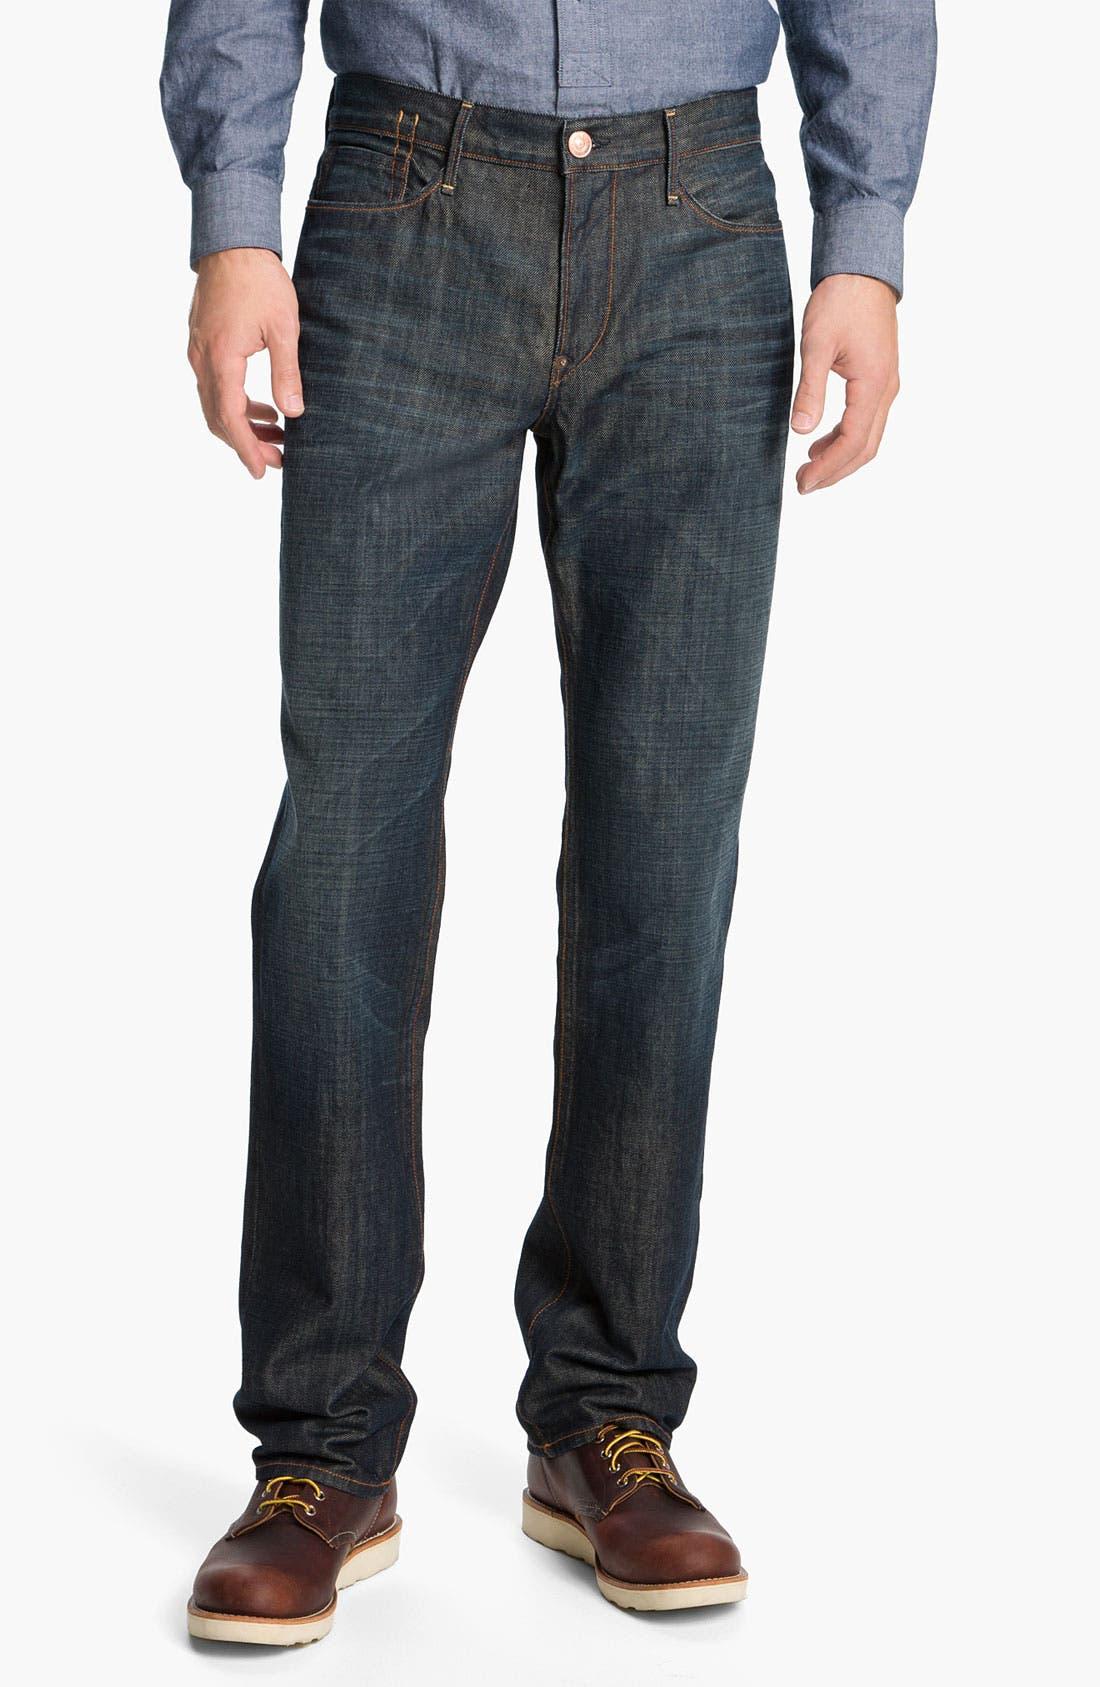 Alternate Image 1 Selected - Earnest Sewn 'Dexter' Relaxed Straight Leg Jeans (Maz Dark)